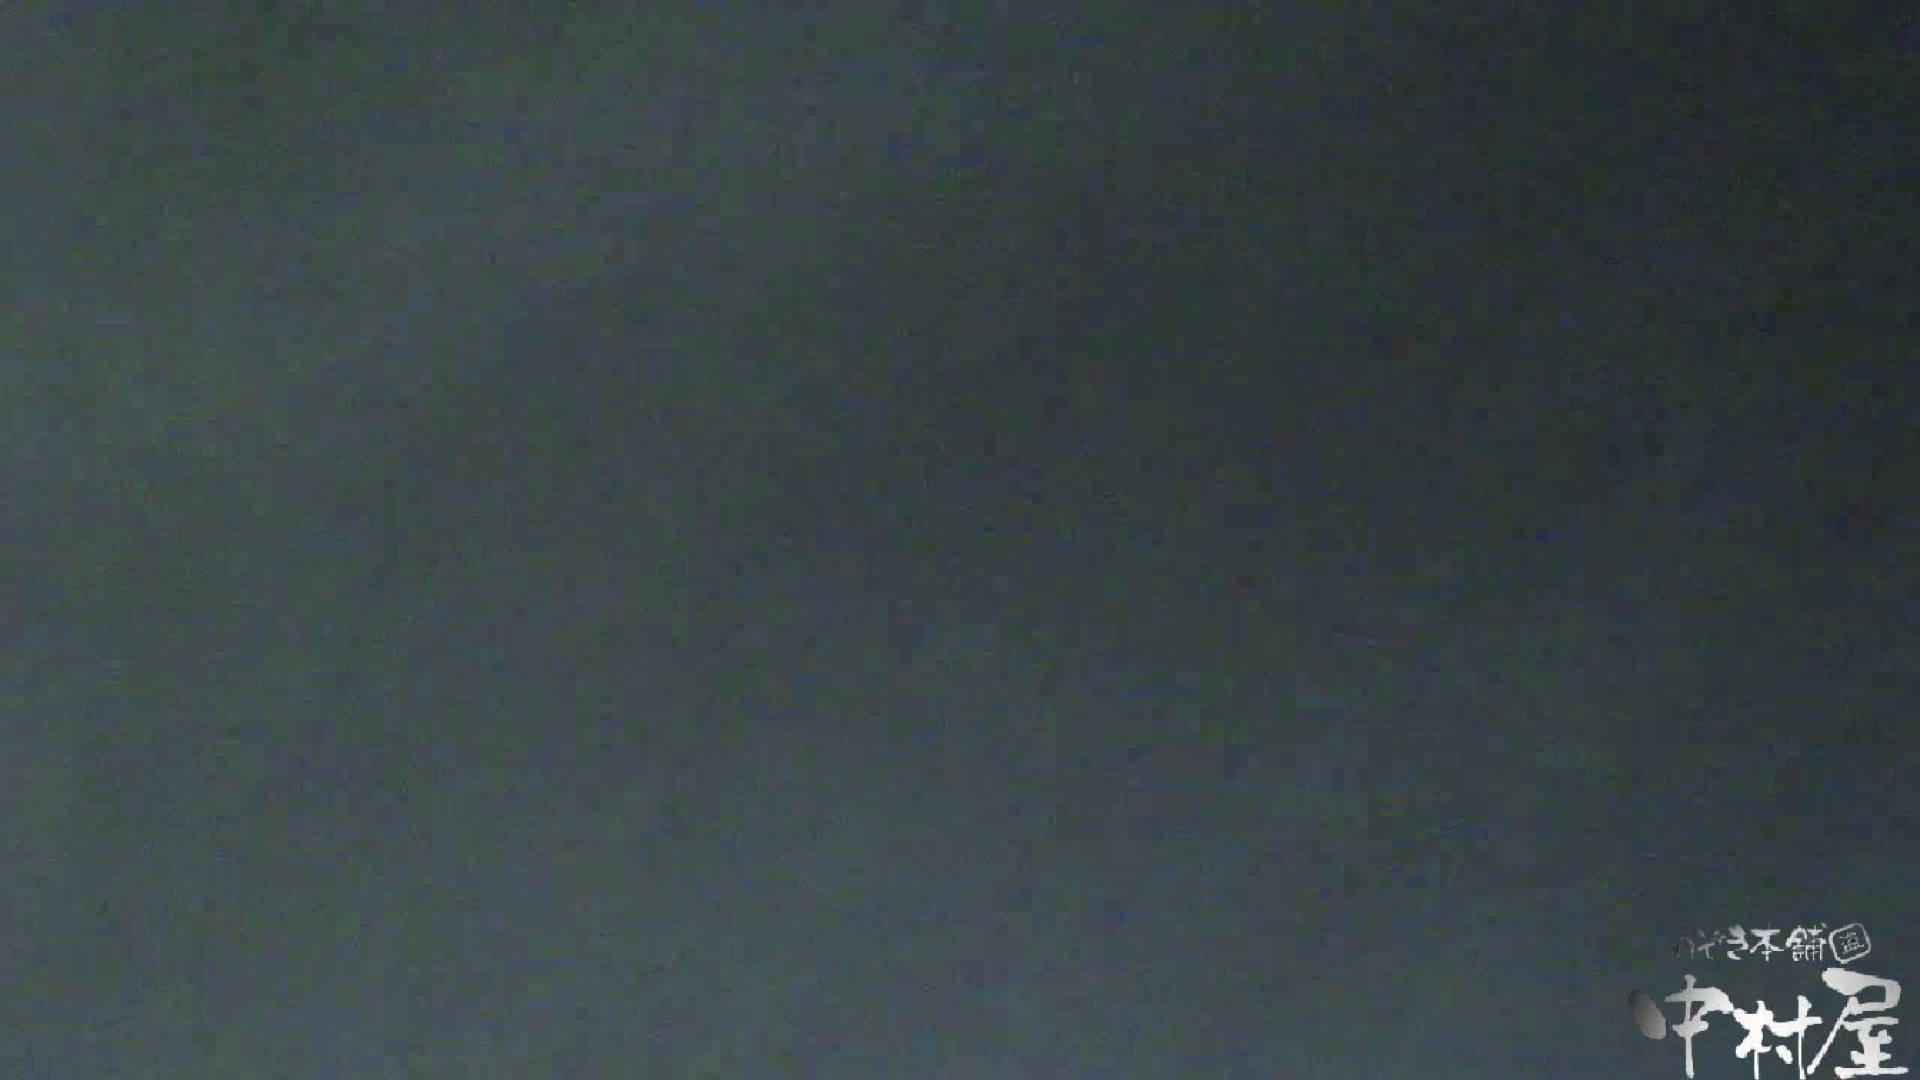 魂のかわや盗撮62連発! 丁寧にオシリをフキフキ! 38発目! 黄金水 | 盗撮特集  95画像 61